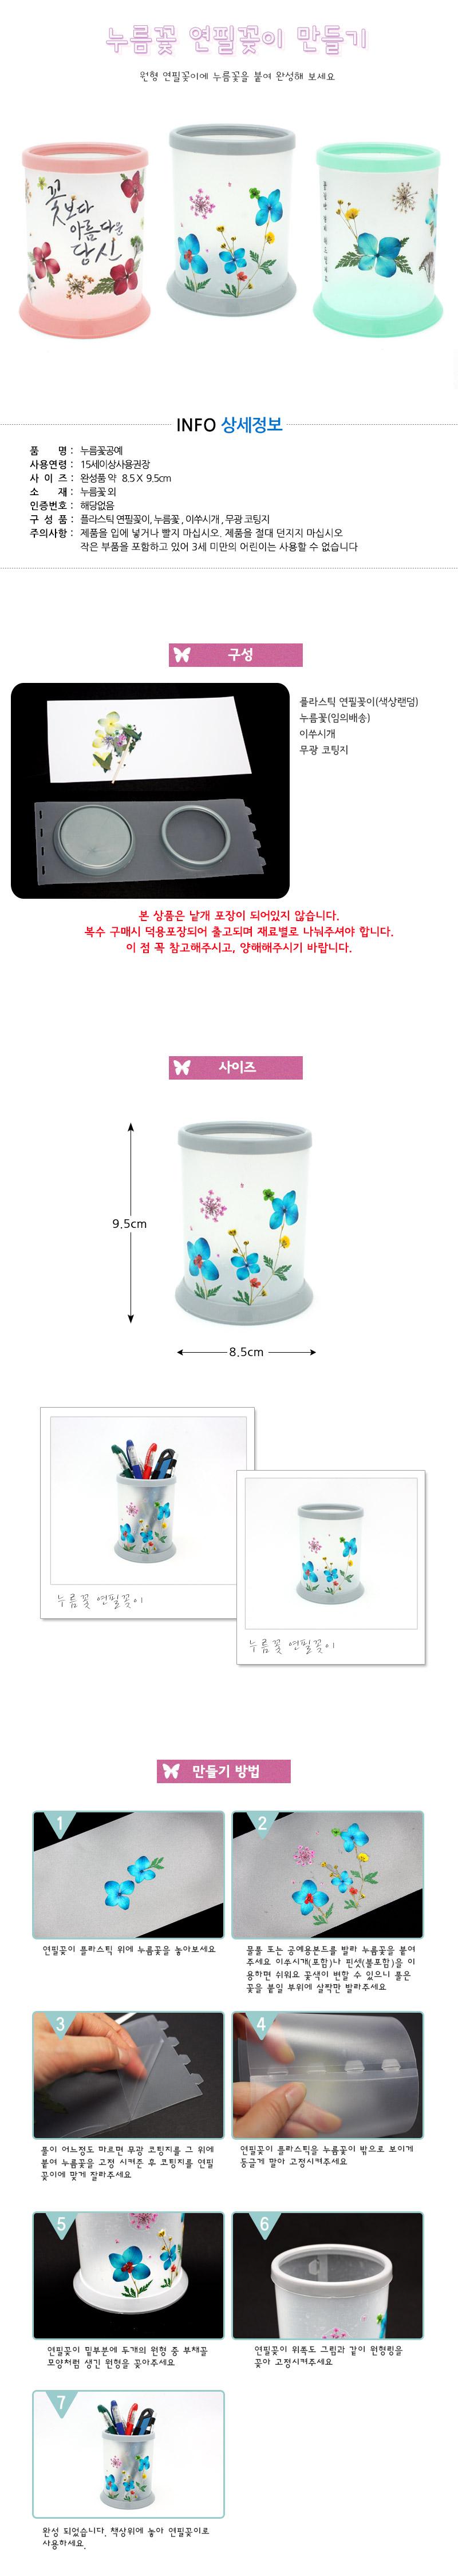 누름꽃 연필꽂이 만들기 -DIY- - 에코키즈, 3,800원, 압화 공예, 수납/주머니 패키지